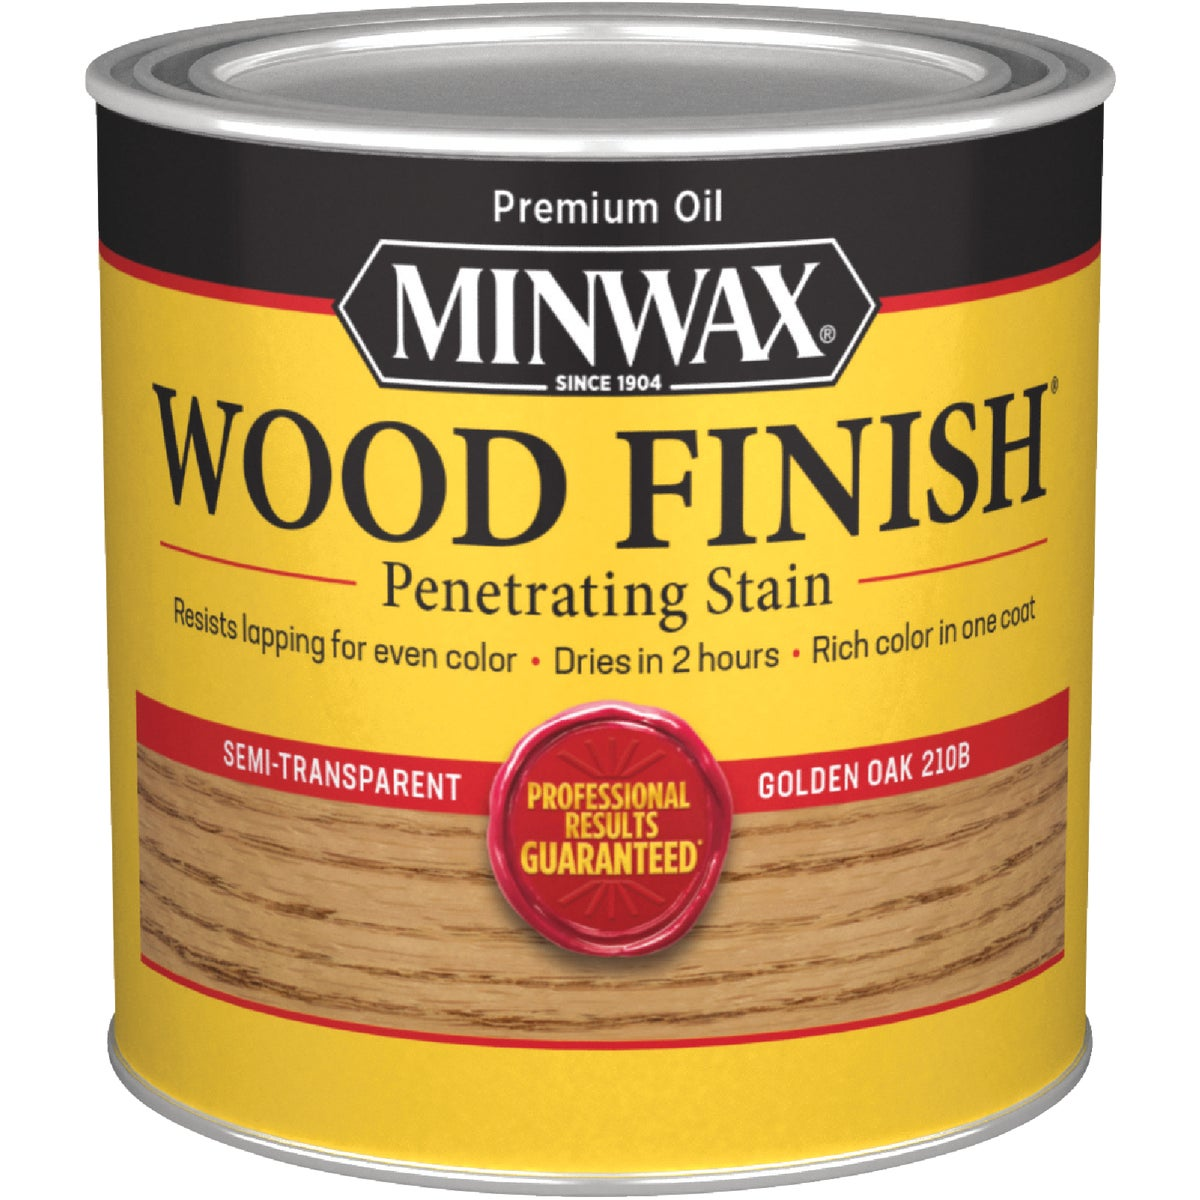 GOLDEN OAK WOOD STAIN - 221024444 by Minwax Company